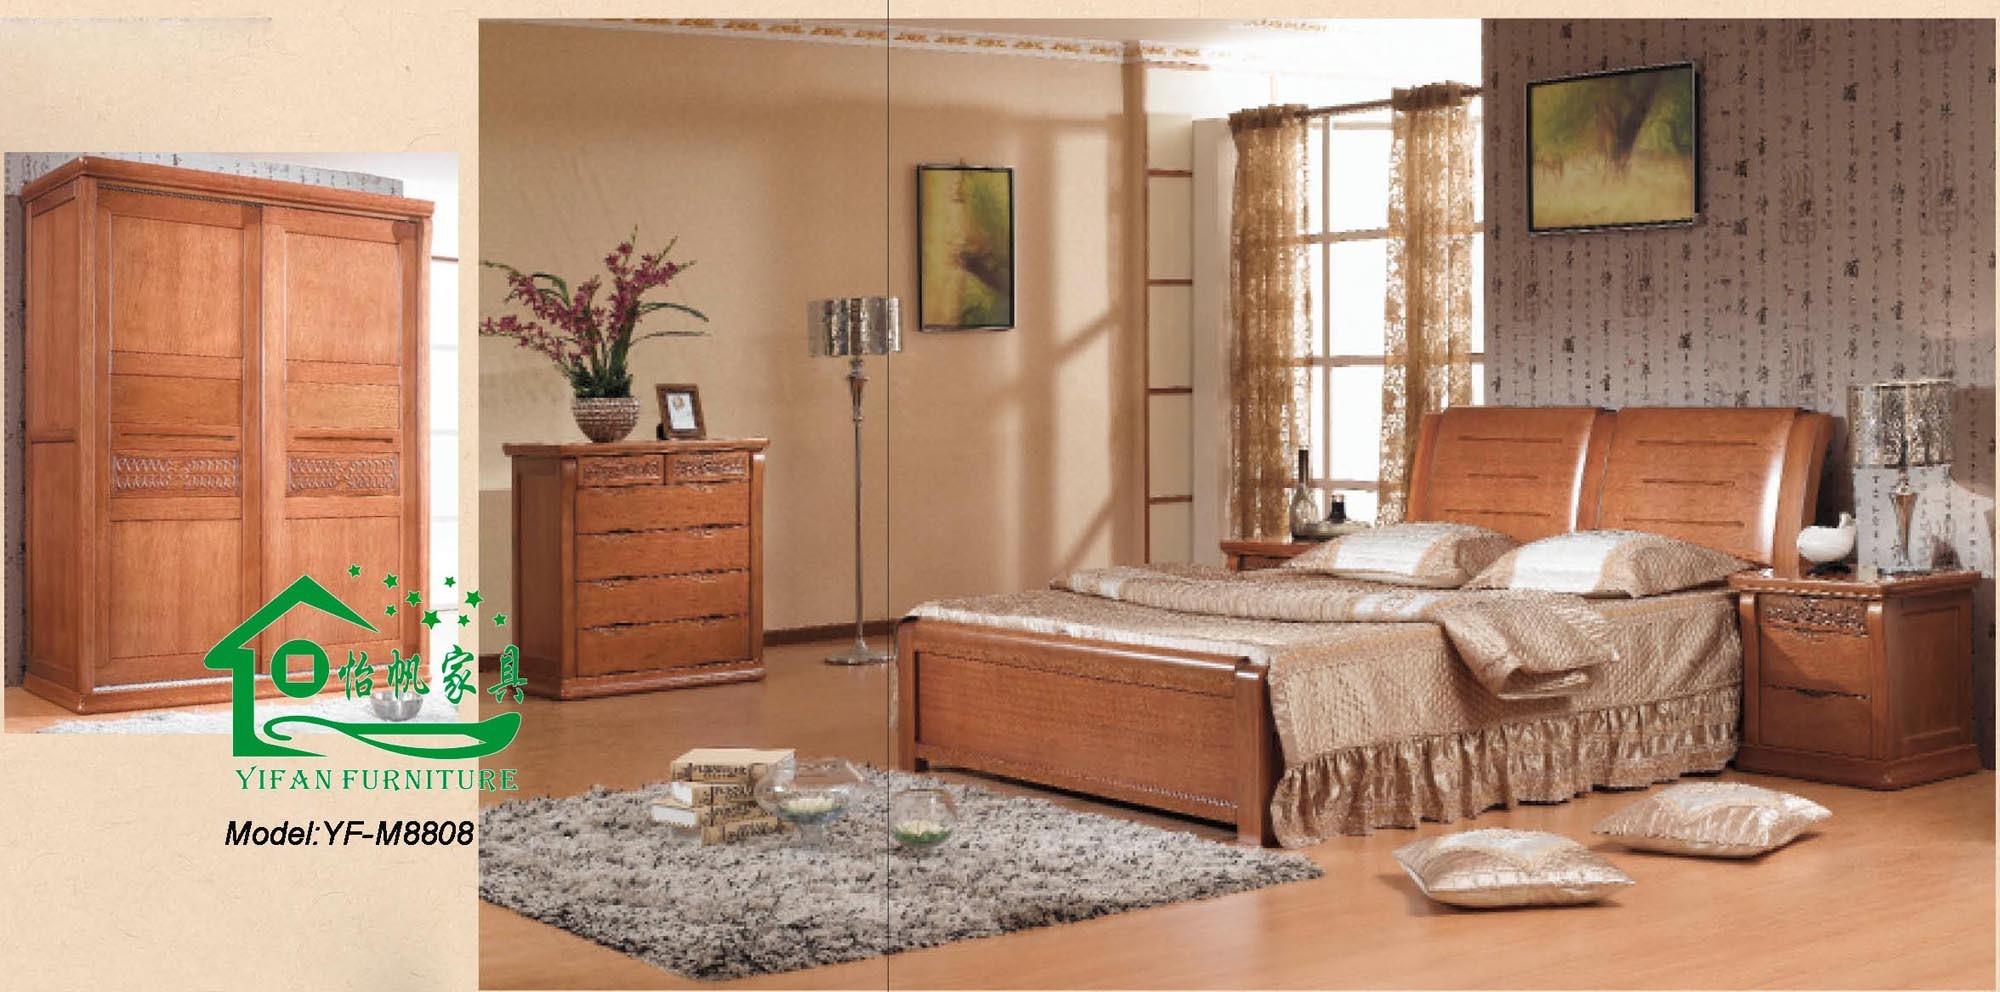 Modele de chambre a coucher en bois avec for Chambre a coucher nouveau modele